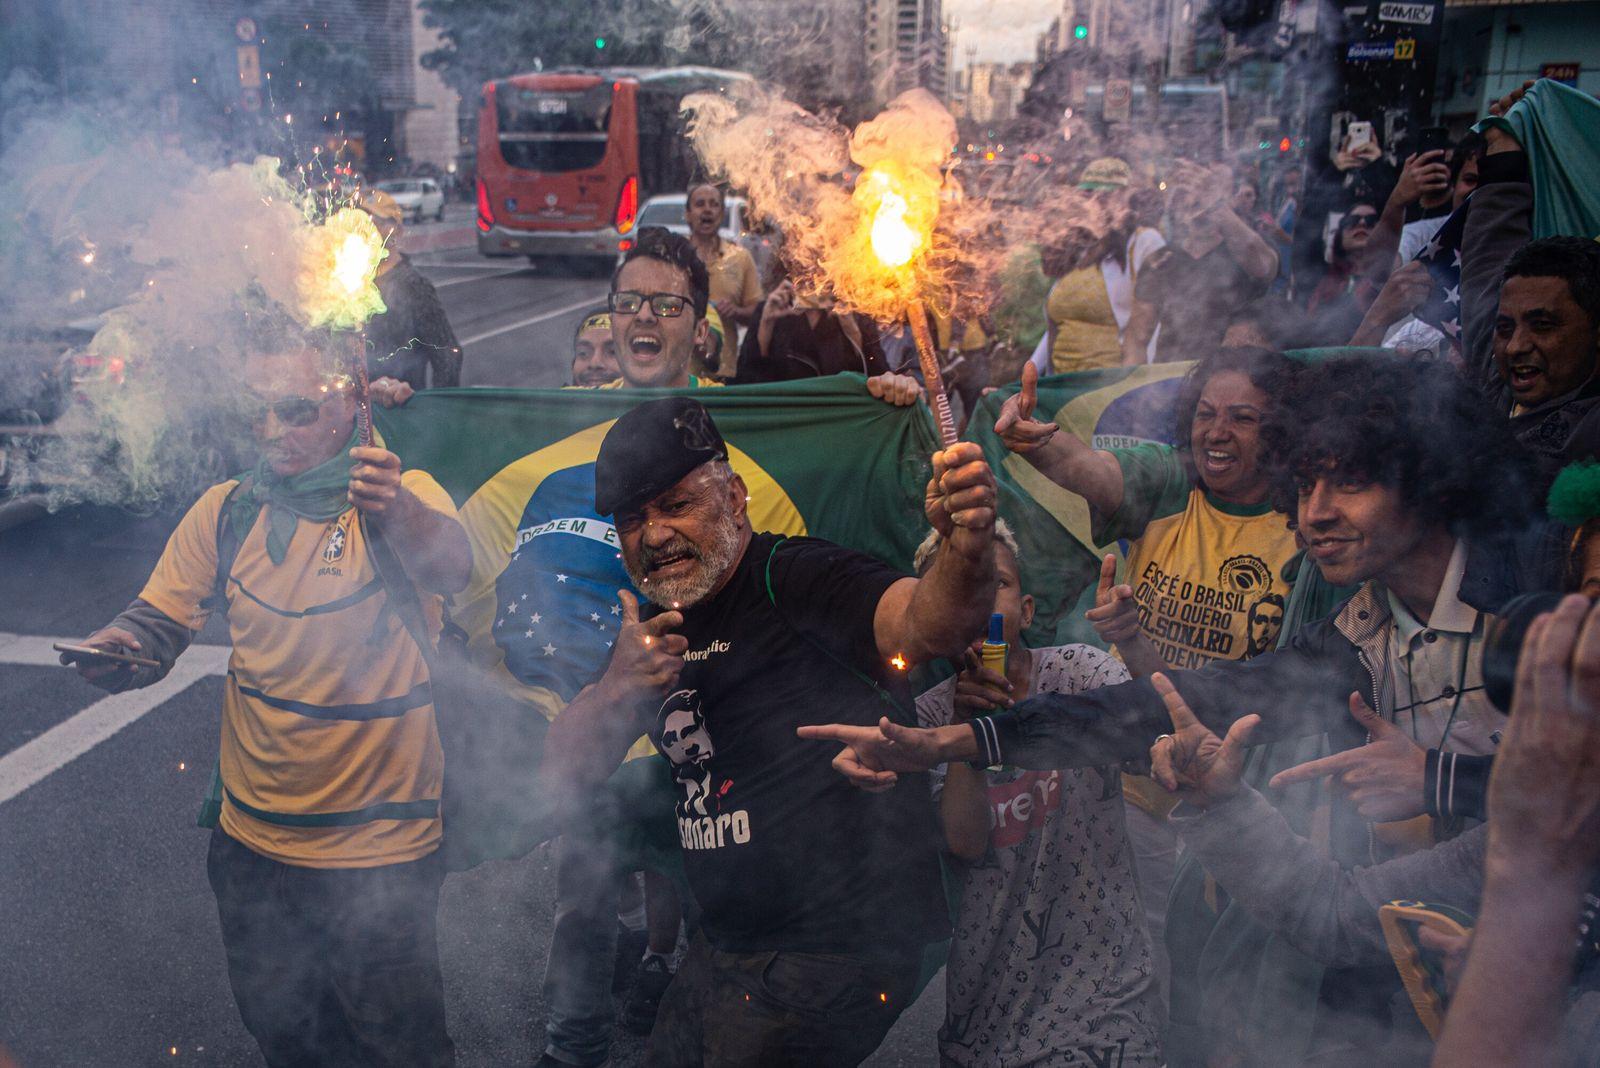 Apoiadores do presidente Jair Bolsonaro fazem gestos simulando armas enquanto comemoram a eleição do mandatário, em outubro de ...